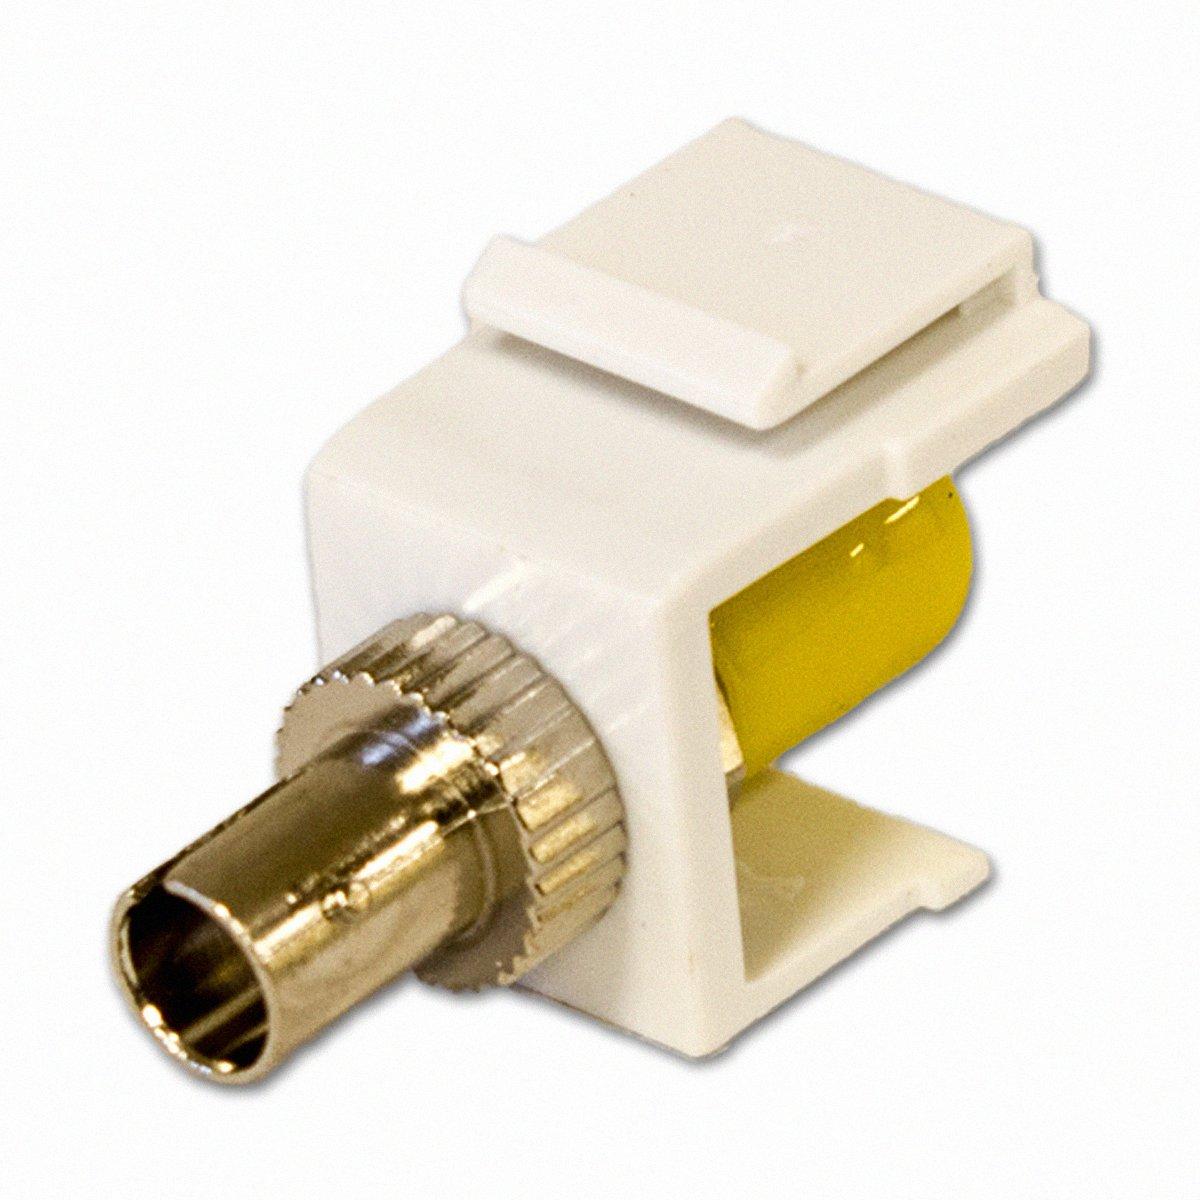 NavePoint st-mmファイバー光学Keystoneアダプタホワイト   B00BS2YJRY